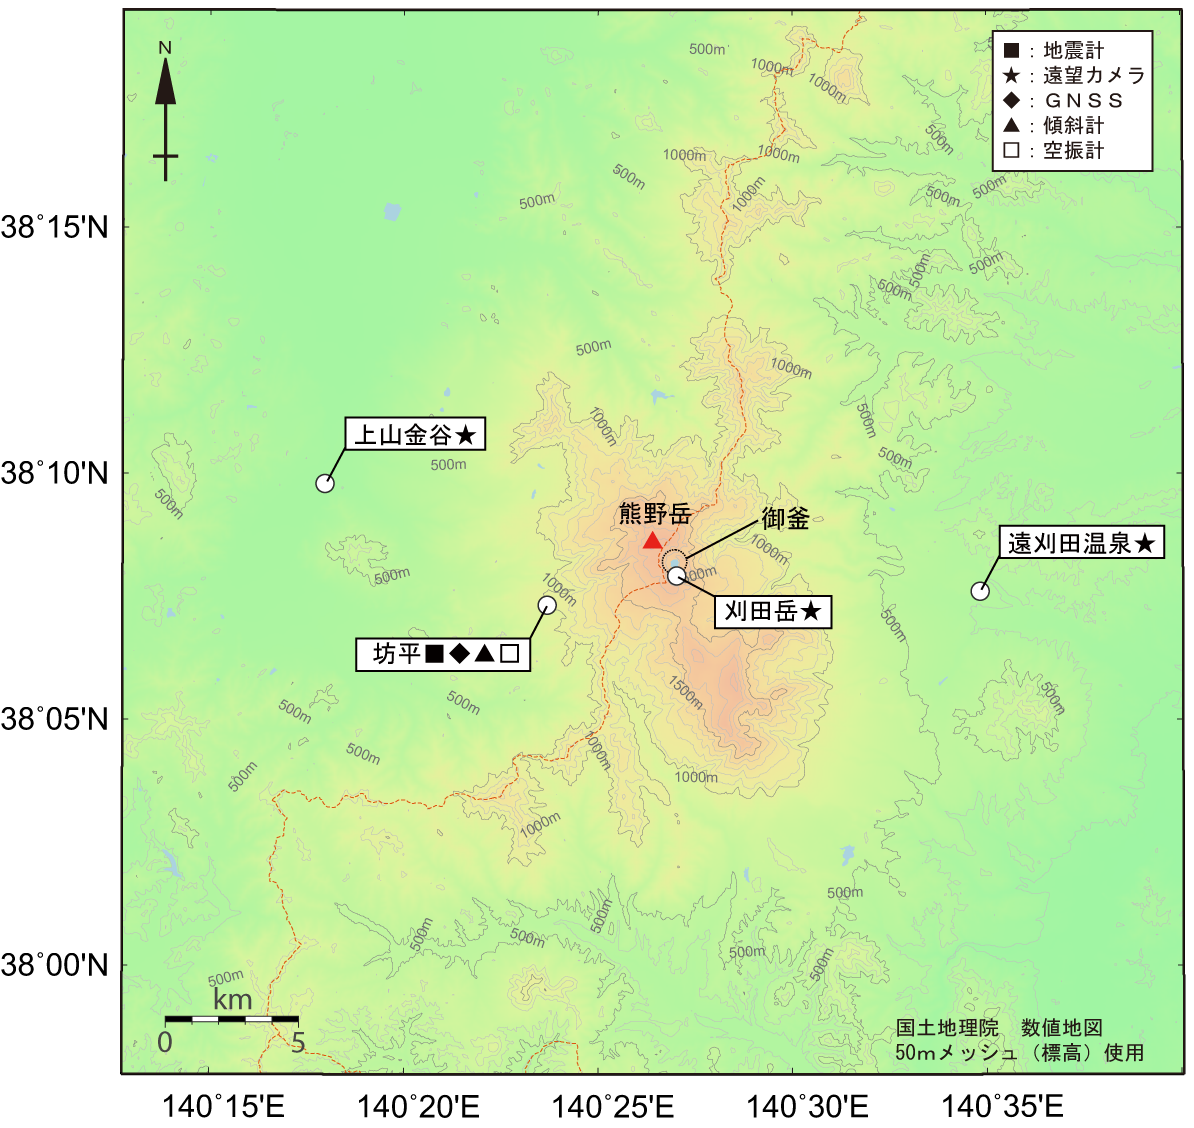 蔵王山 地震計・空振計・傾斜計・GPS・遠望カメラ